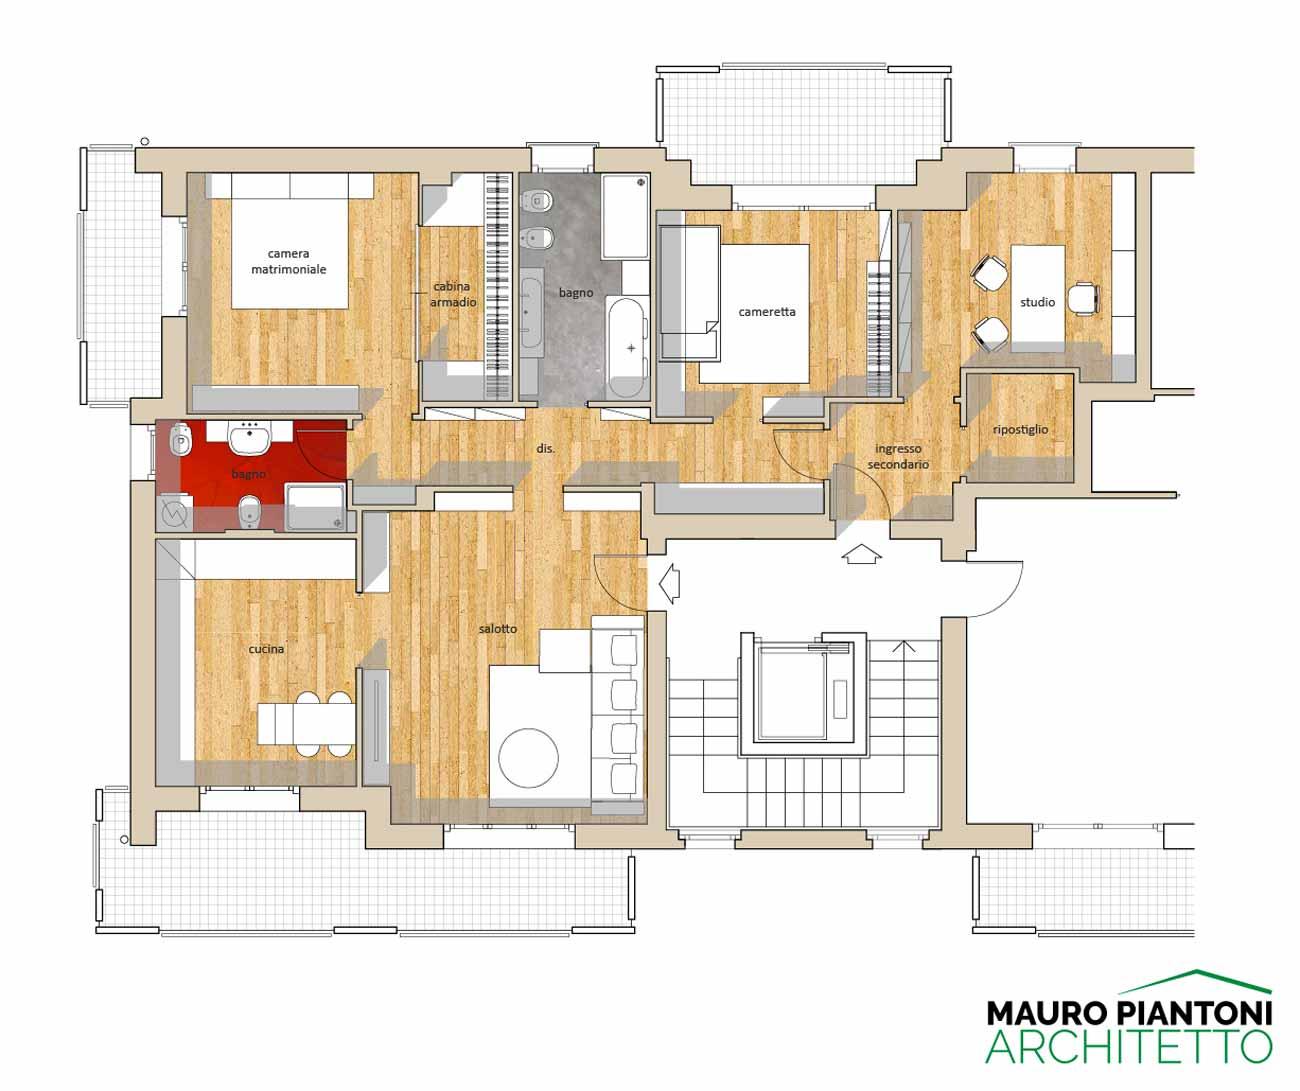 Ristrutturazione di interni casa pi milano studio piantoni for Architettura interni case